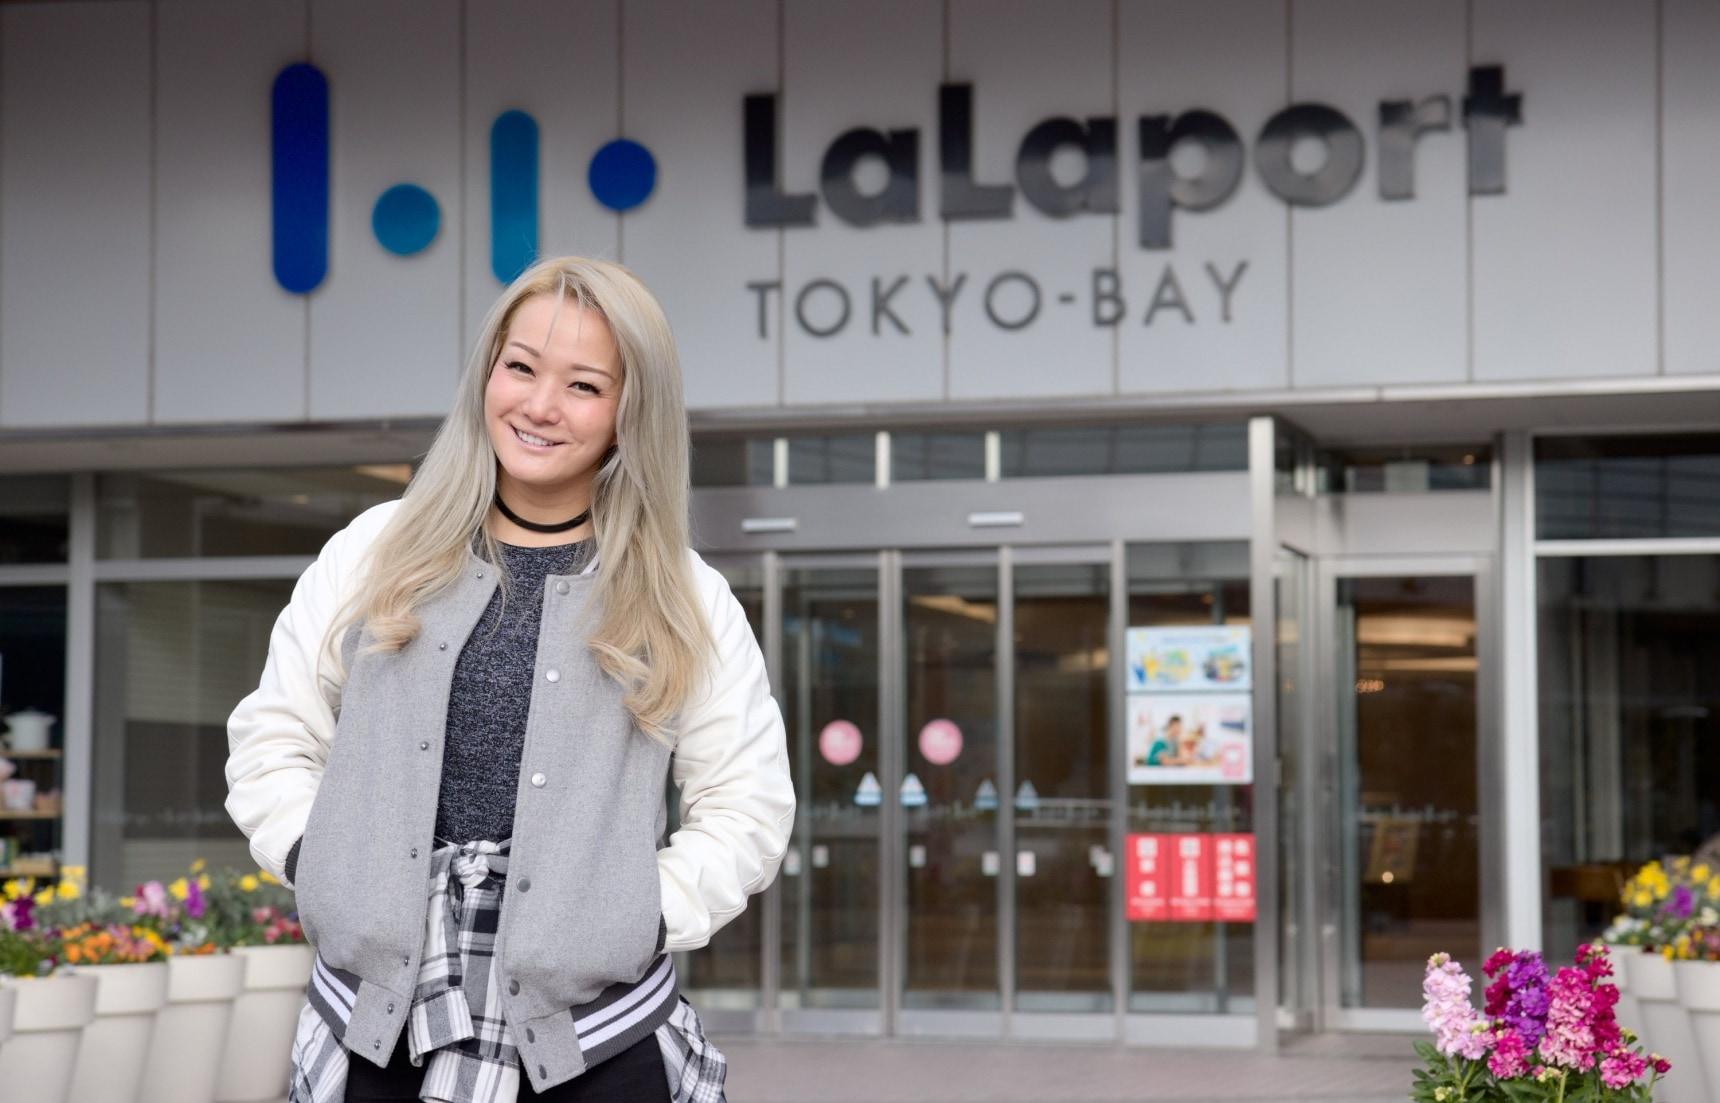 完美的购物体验——来LaLaport和皮卡丘一起冲浪吧!